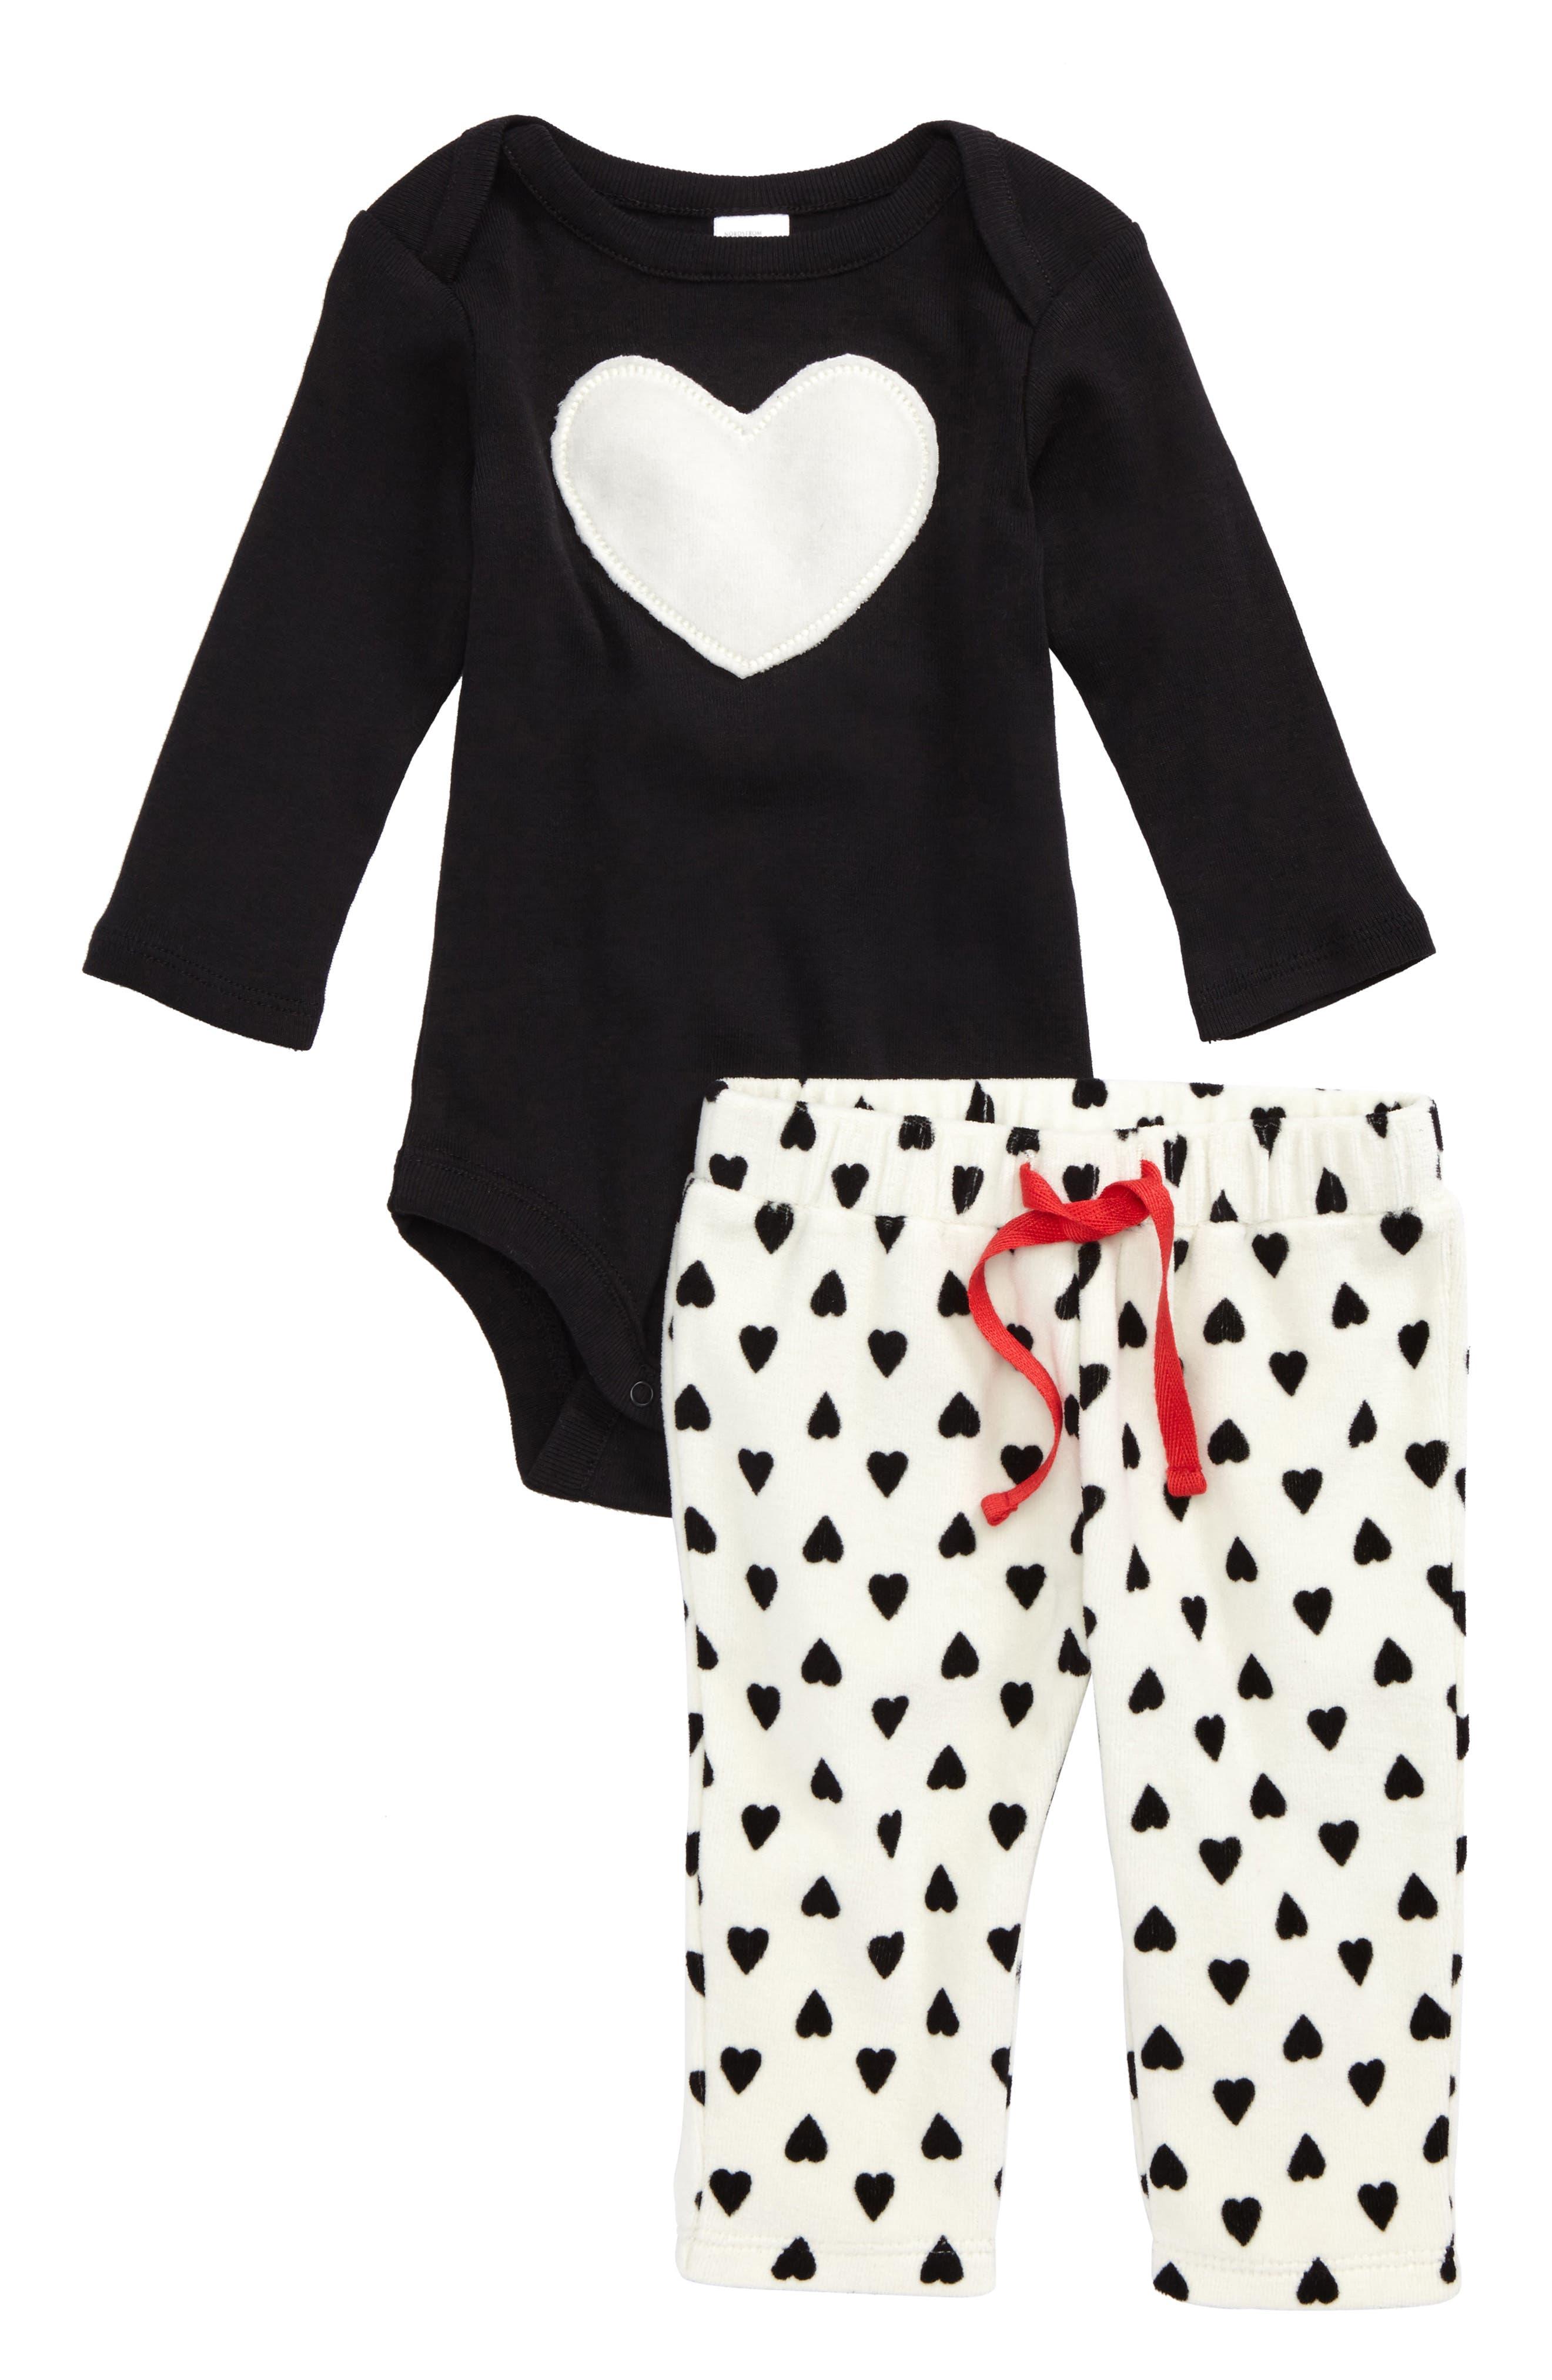 Alternate Image 1 Selected - Nordstrom Baby Appliqué Bodysuit & Fleece Pants Set (Baby Girls)